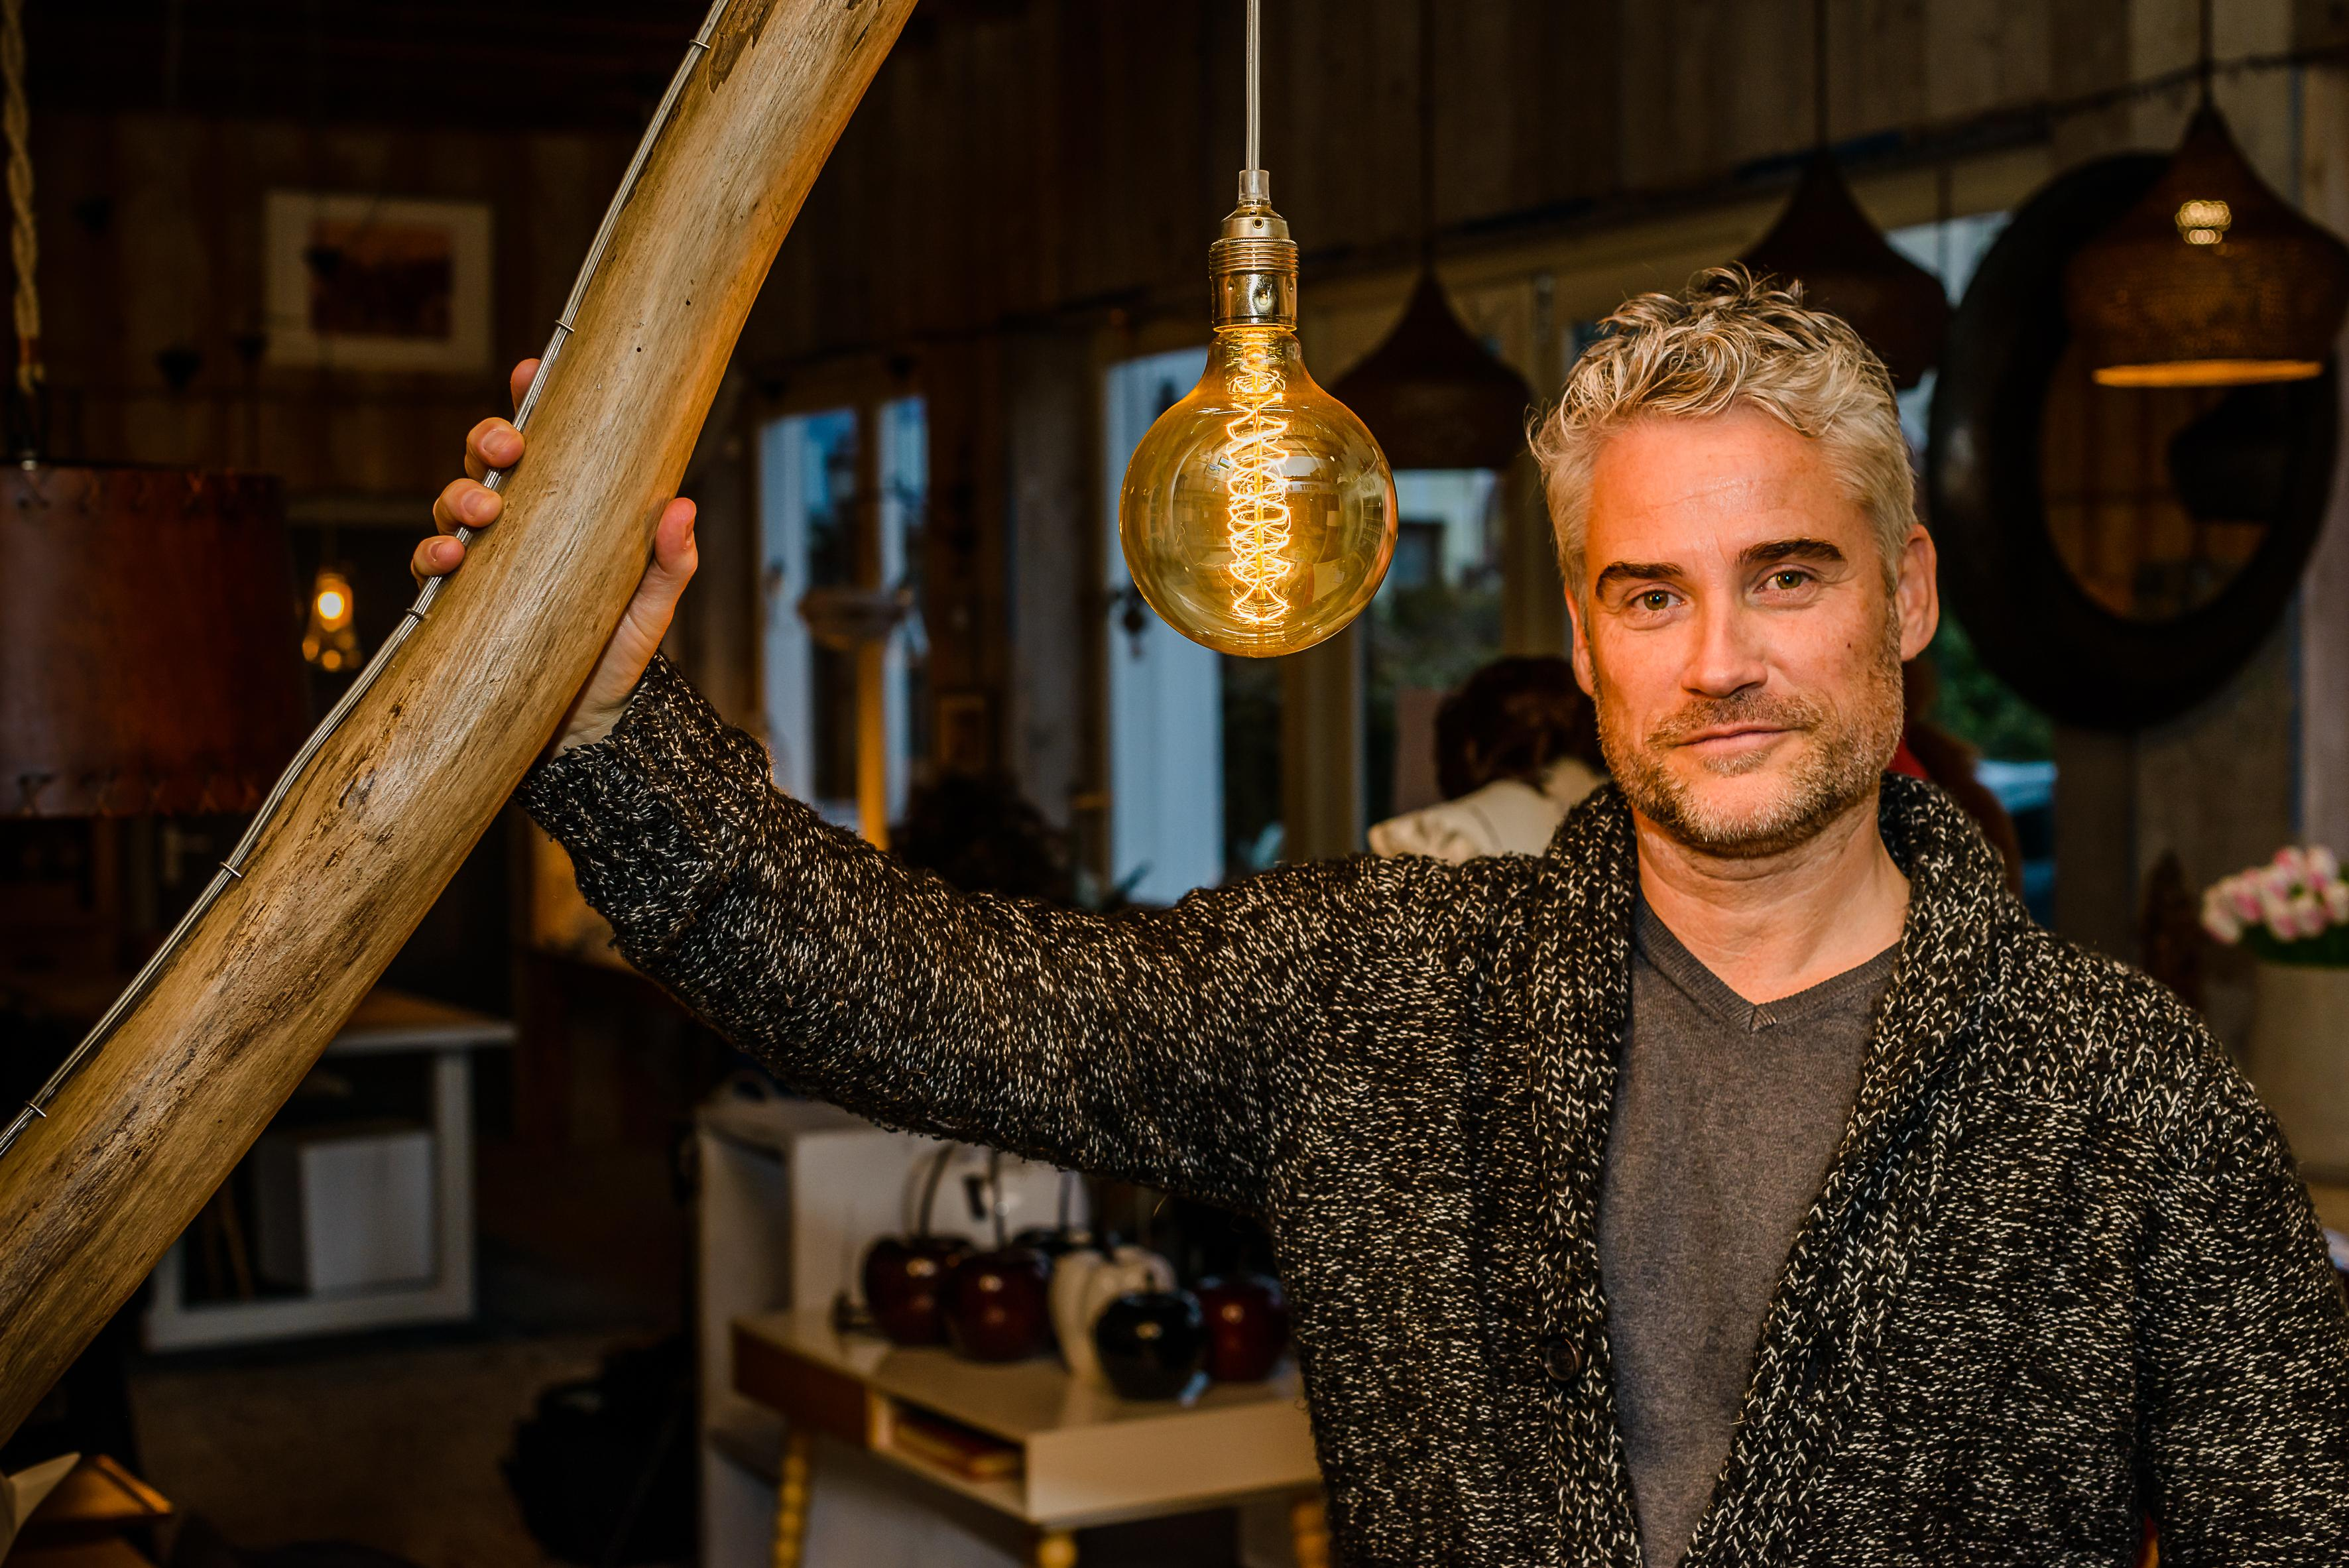 Natuurlamp 'Jutterslicht' vertelt in Zaandijk een verhaal over Texel